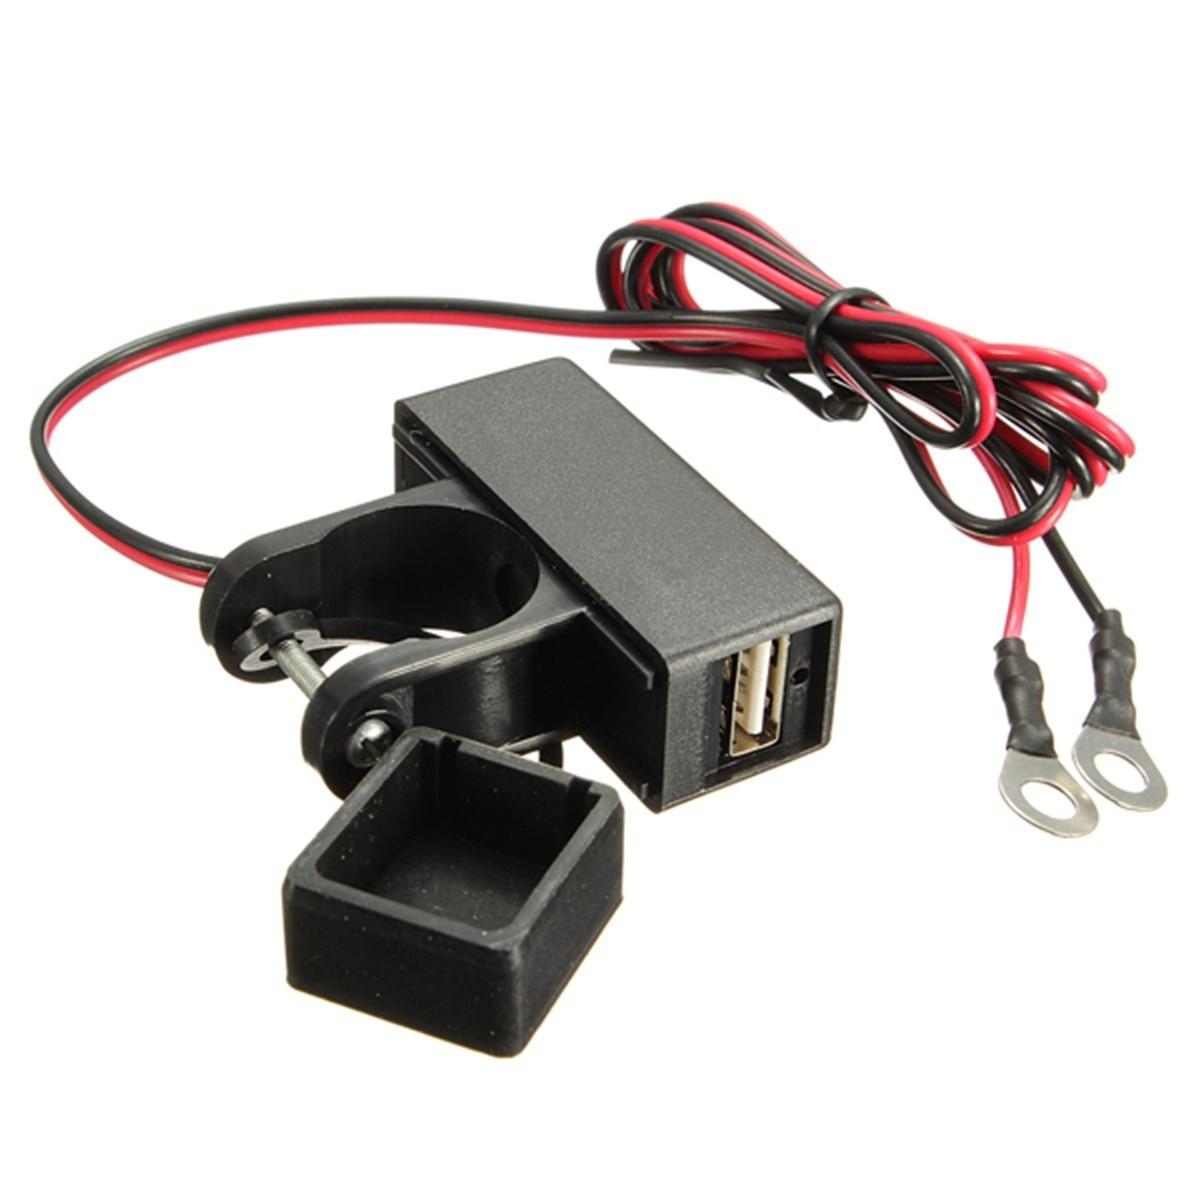 Универсальный 12 В Водонепроницаемый Мотоцикл Руль USB Зарядное устройство gps телефон Зарядное устройство Мощность разъем для Honda/Suzuki/Kawasaki